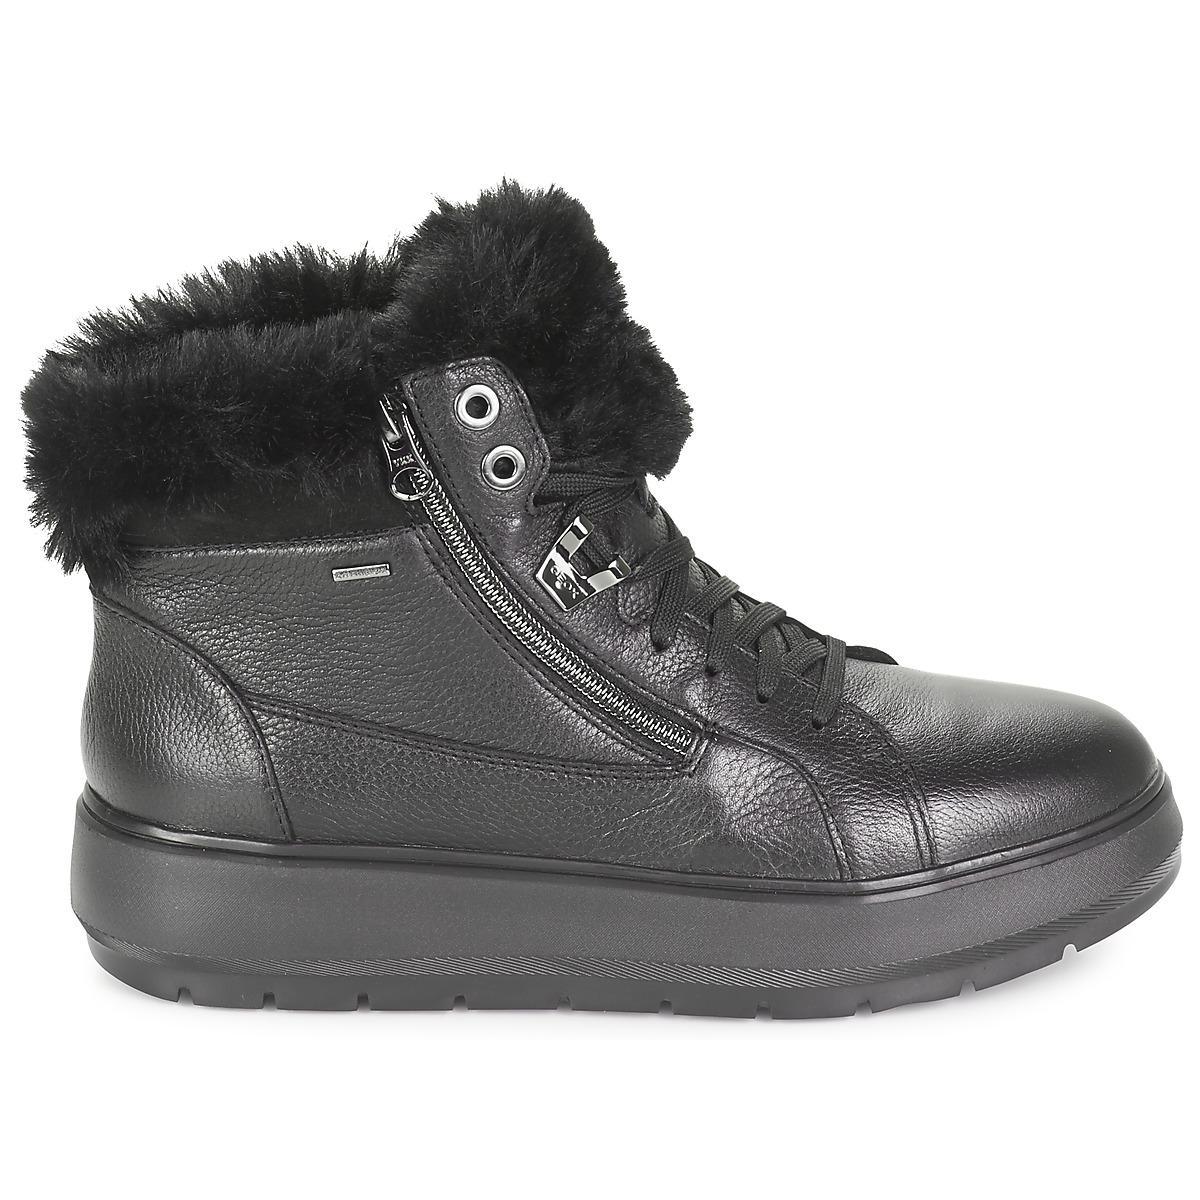 f025cd8f80d Geox - D Kaula B Abx Women's Mid Boots In Black - Lyst. View fullscreen